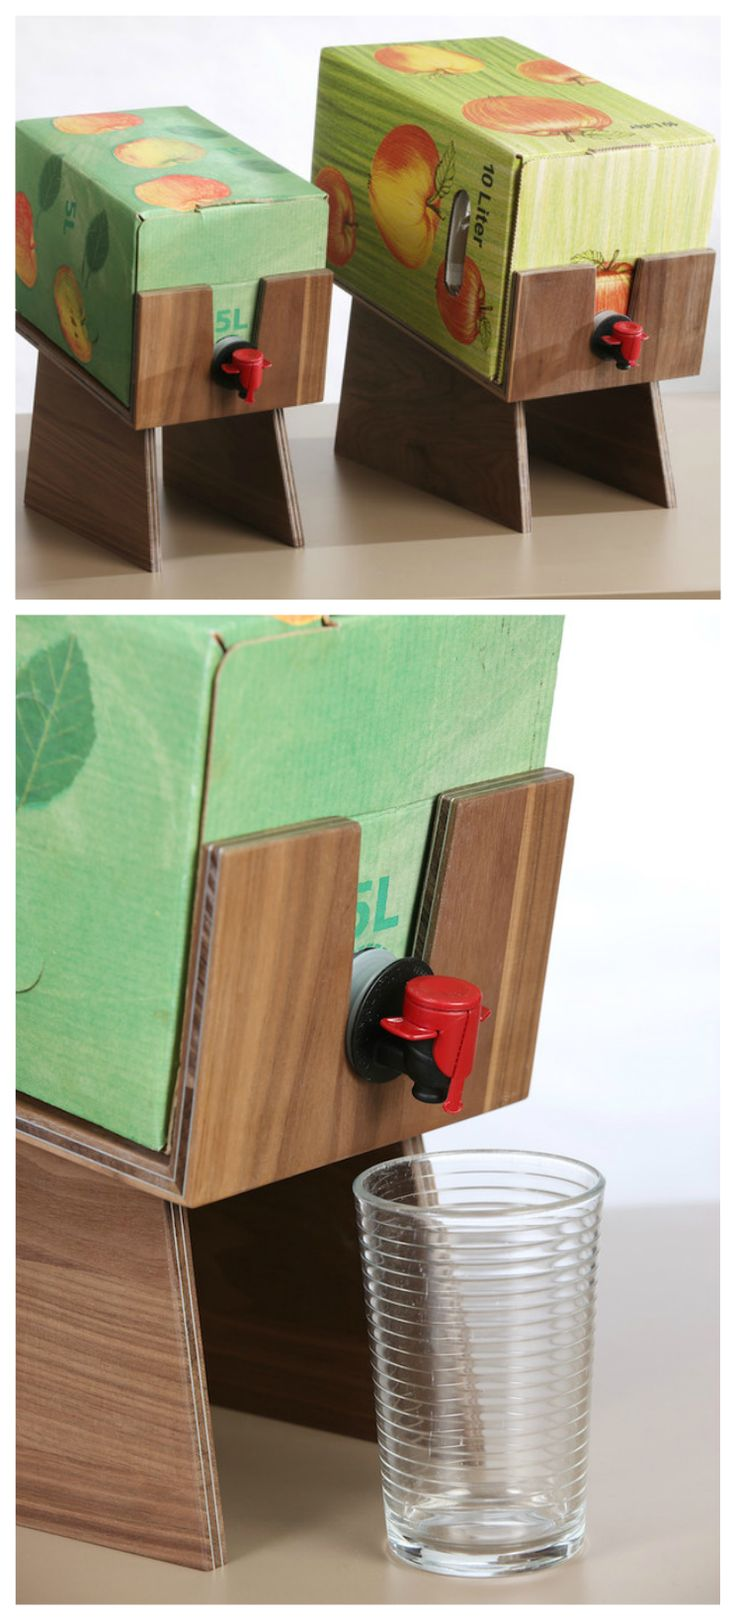 Praktischer Halter aus Holz für Saftkartons für einfacheres Gießen / wooden juice box holder, easy living hack made by BuE Möbel via DaWanda.com